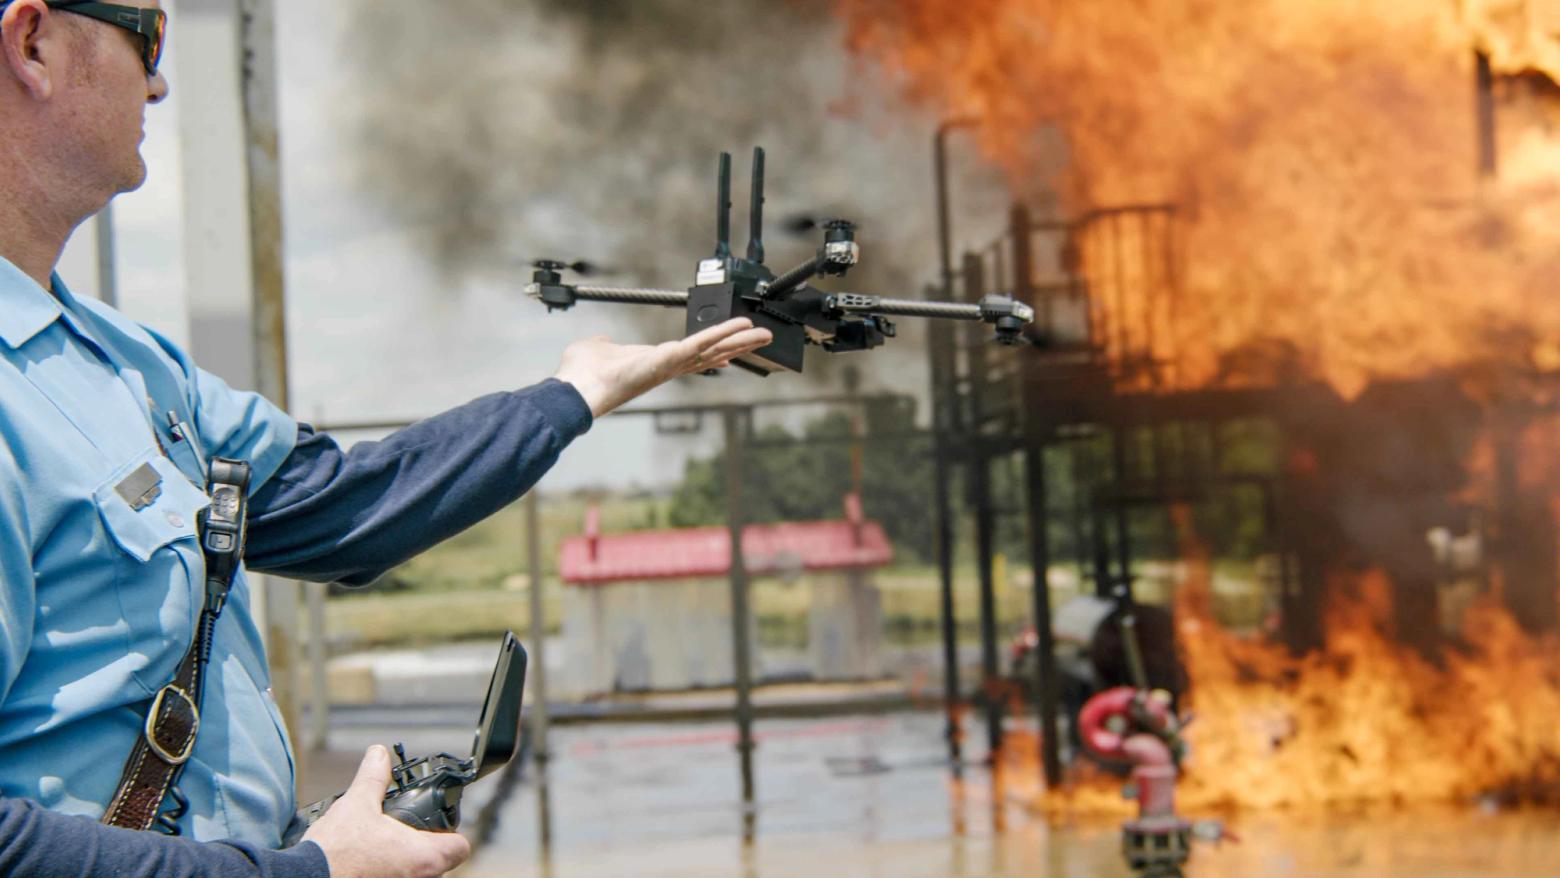 Skydio X2 public safety drone